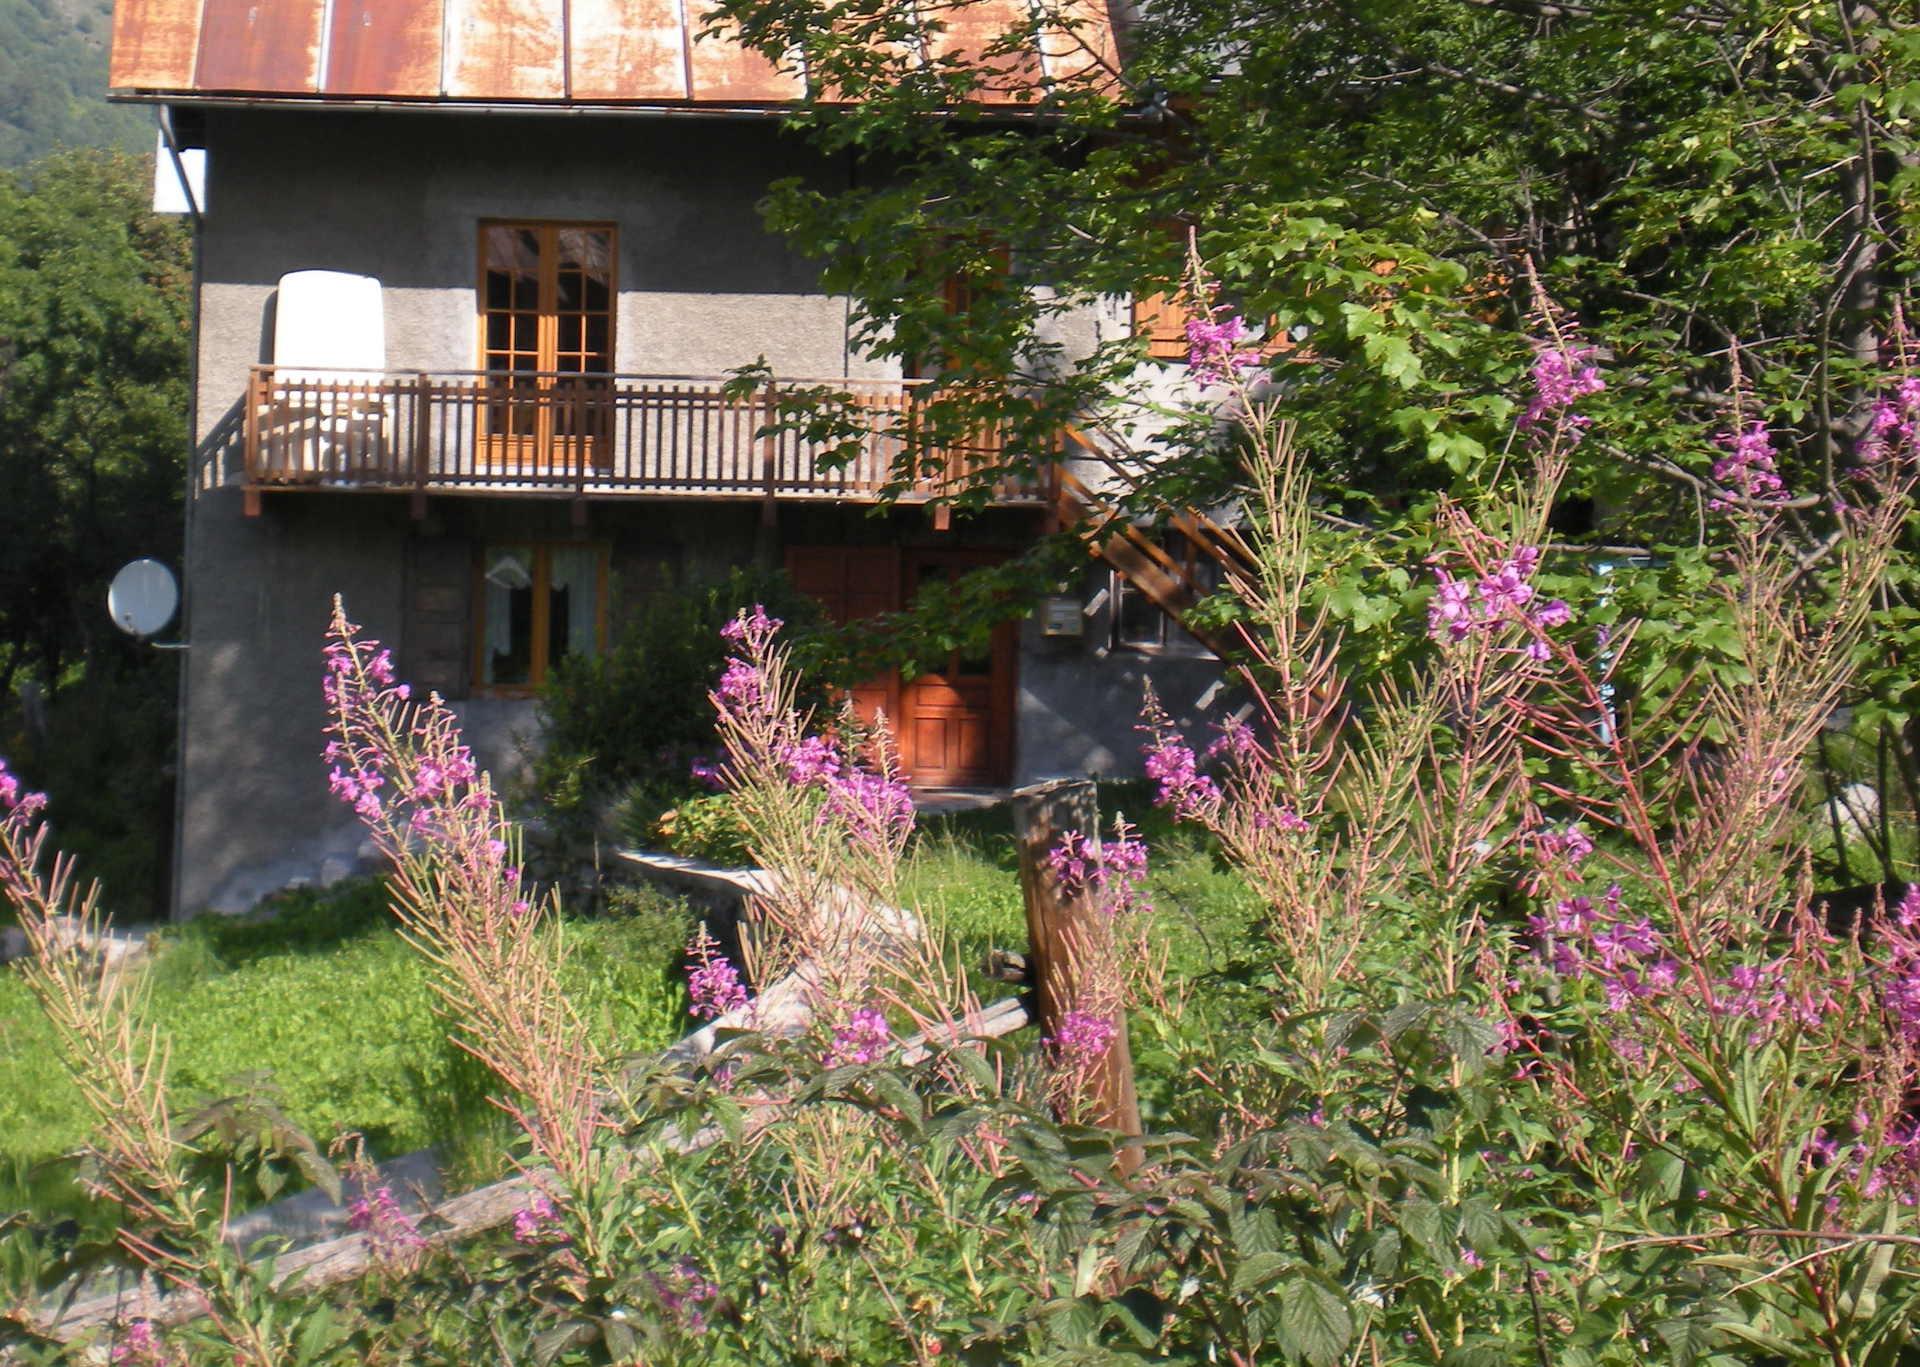 Appartements Maison Monnier - Hebergement + Forfait remontee mecanique